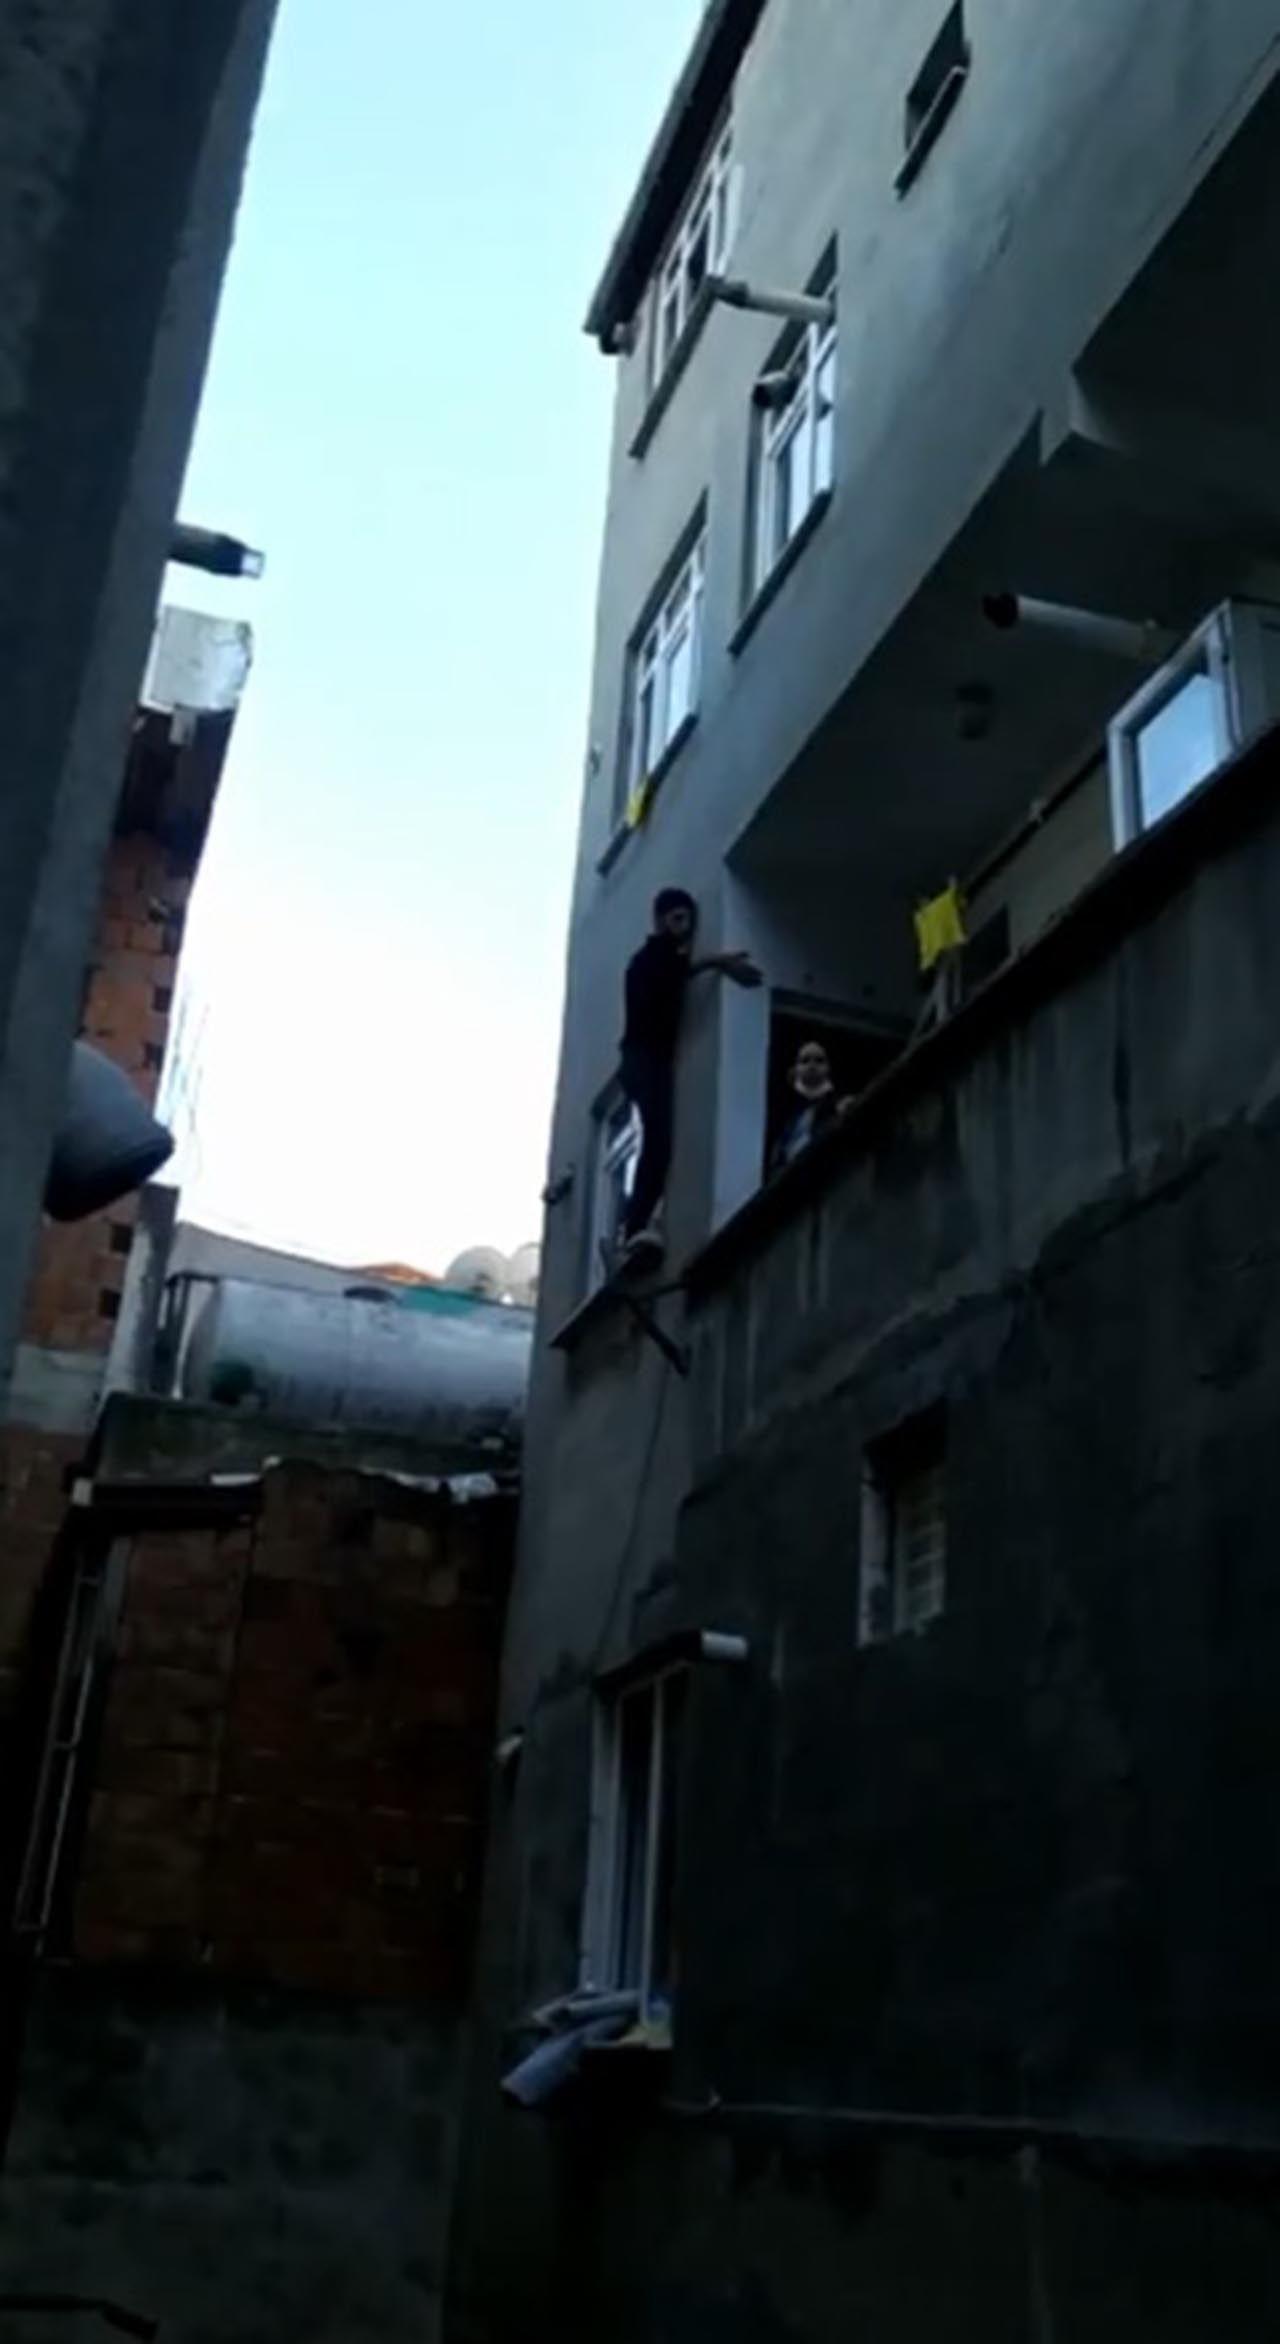 Pencerede mahsur kalan hırsız, bina sakinlerine yalvardı - Resim: 4